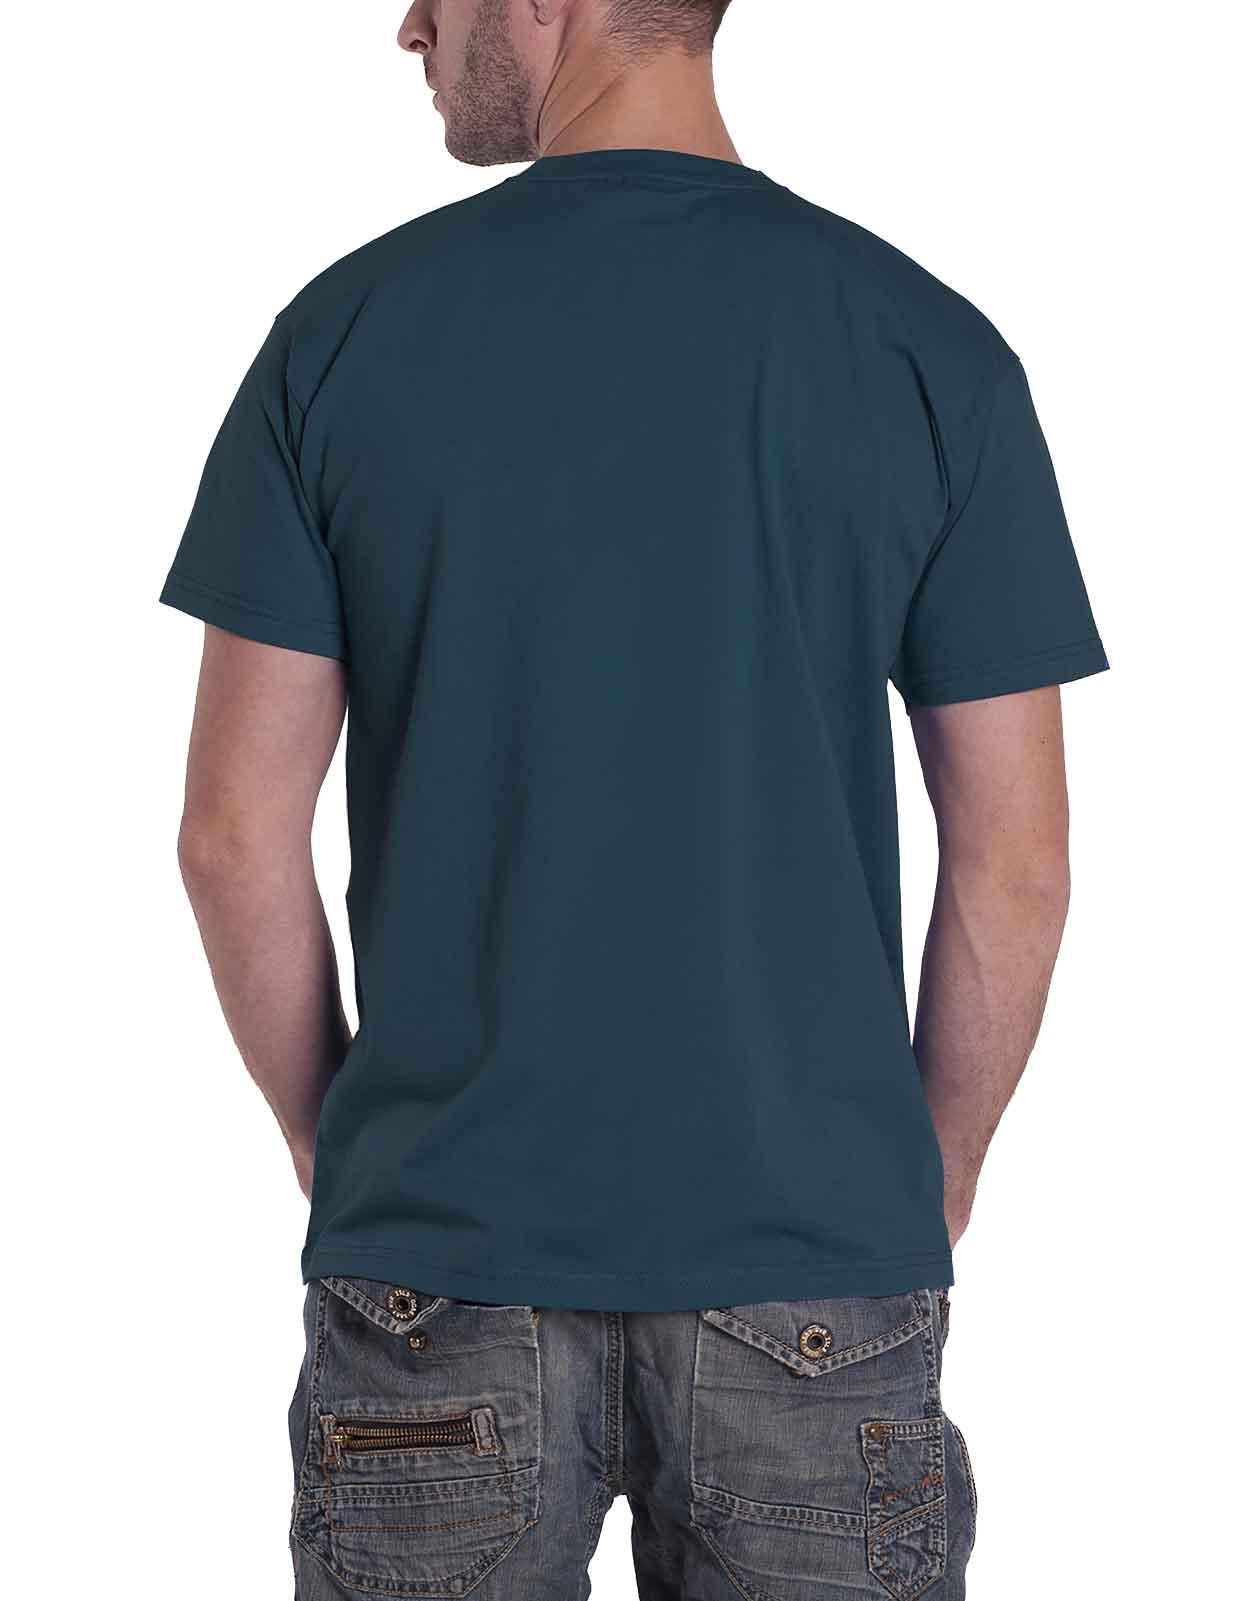 Rick-and-Morty-T-Shirt-Pickle-Rick-Portail-spirale-Wubba-Lubba-nouveau-officiel-Homme miniature 45